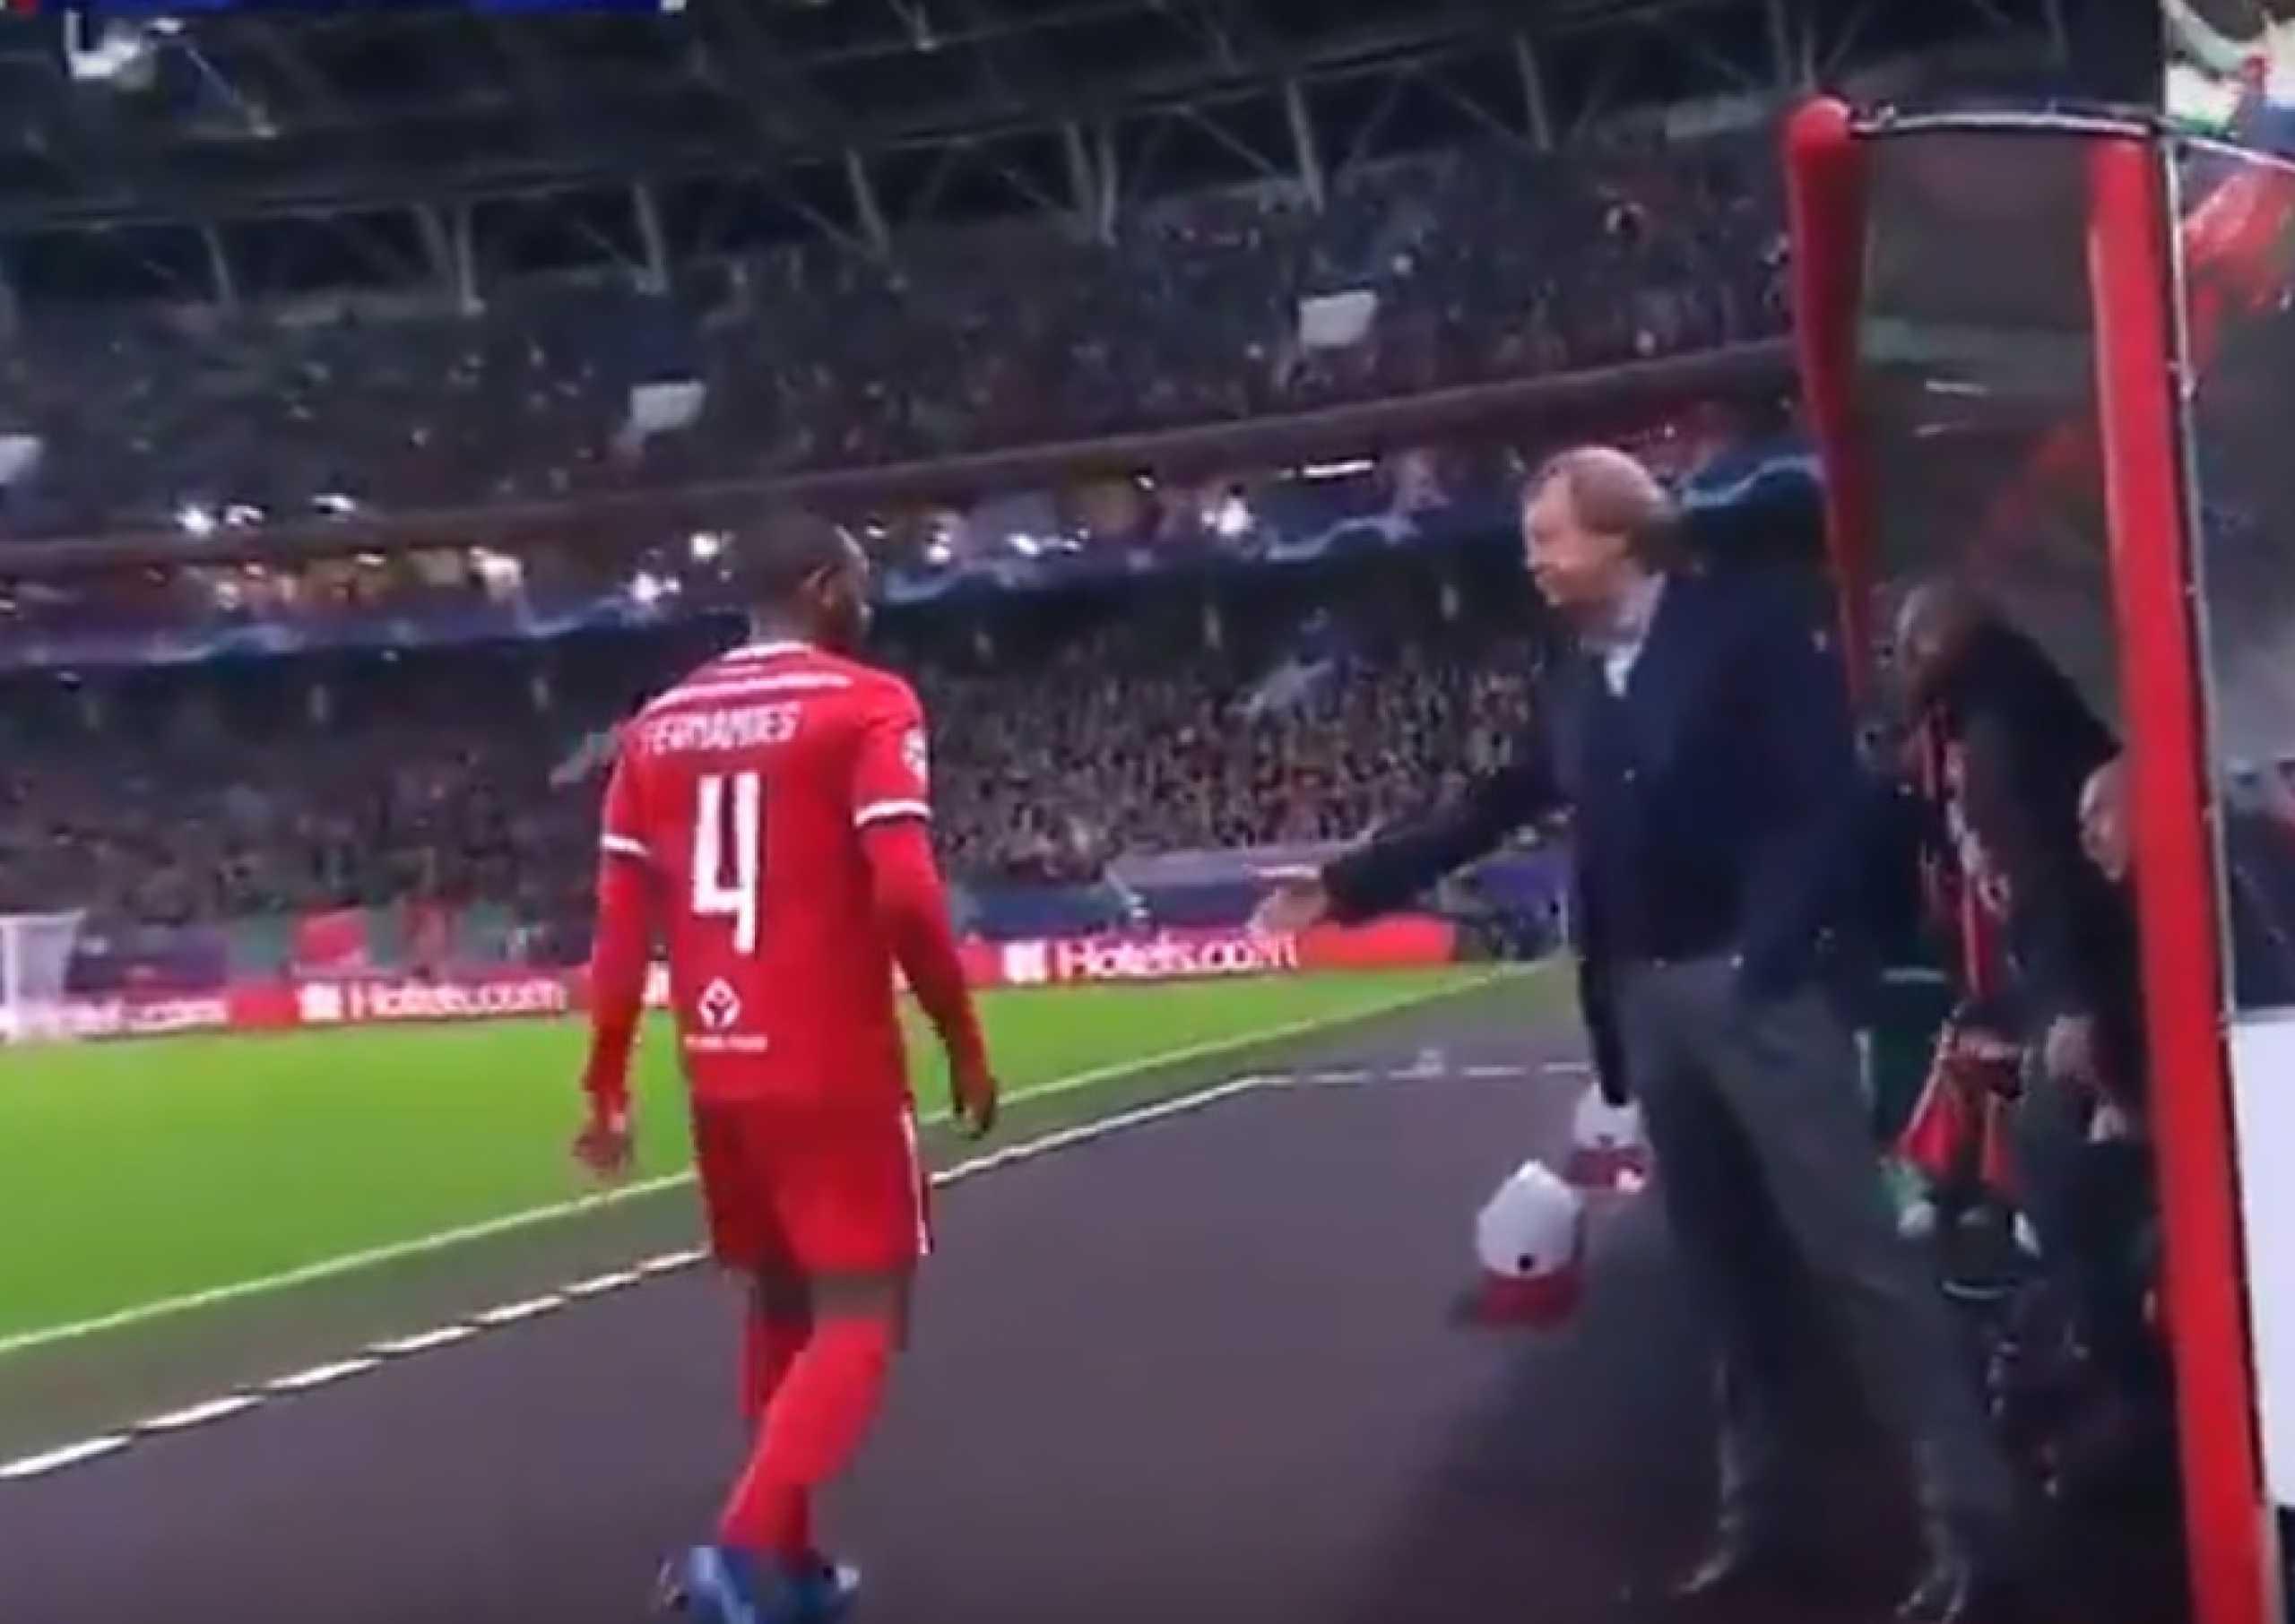 Estala o verniz no Lokomotiv: M. Fernandes recusou cumprimentar treinador